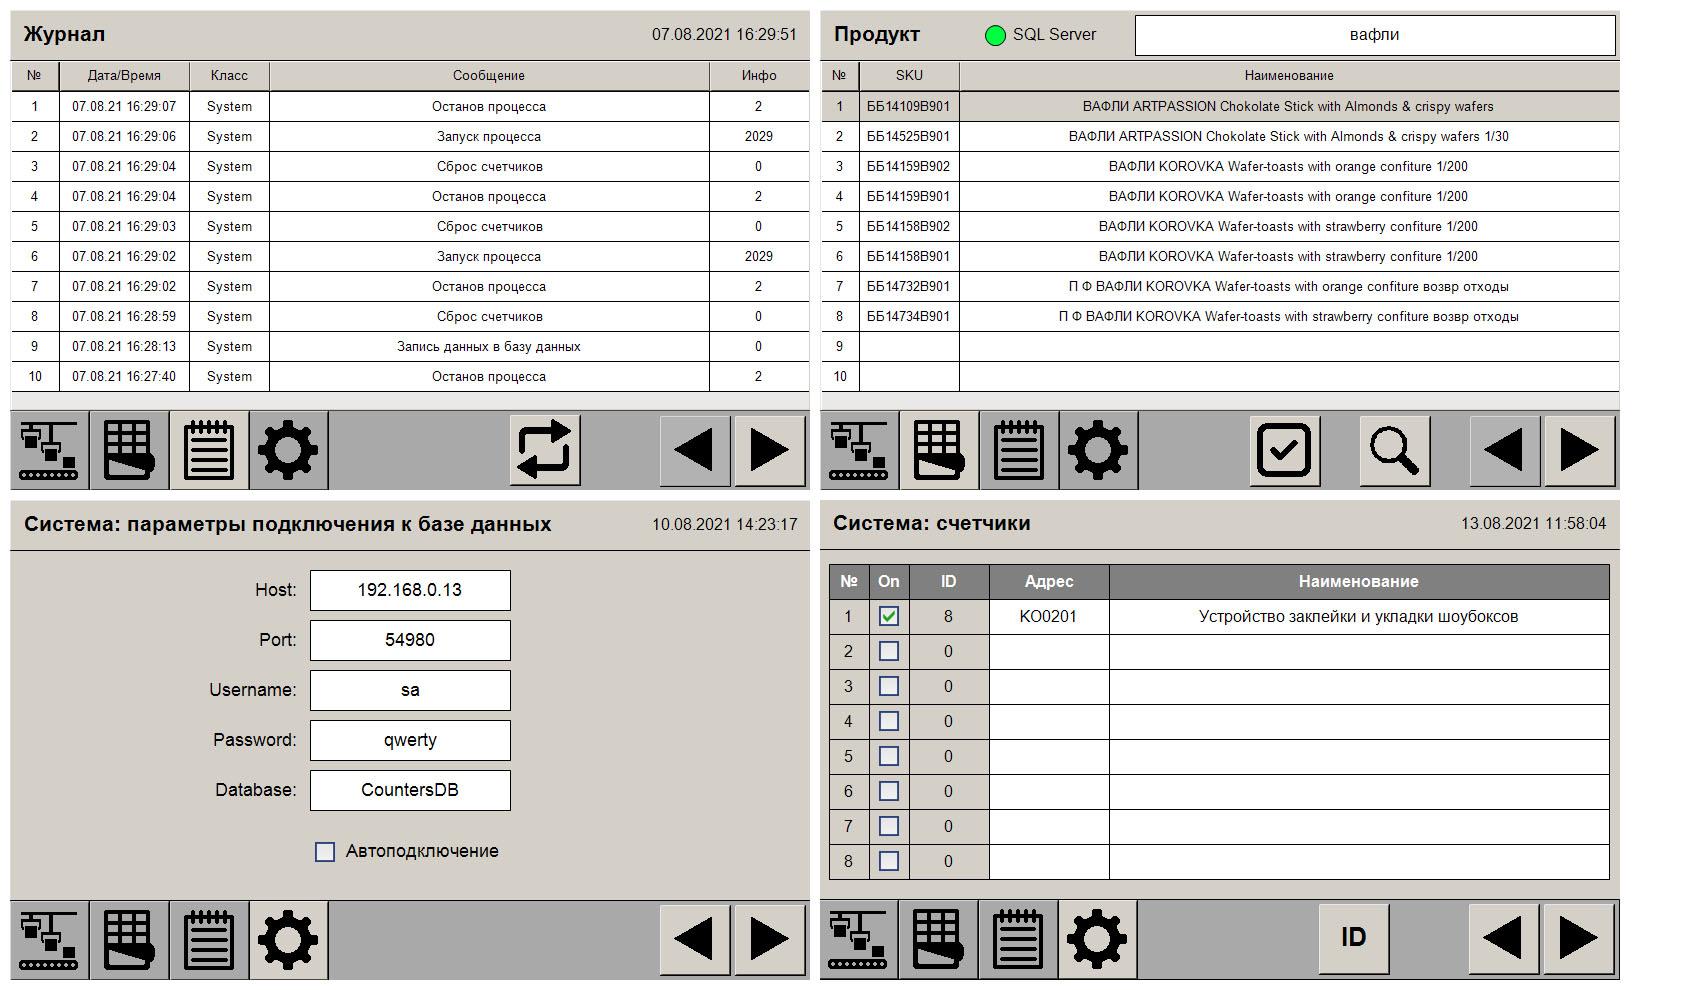 Шкаф учета готовой продукции - экраны интерфейса СПК107 1